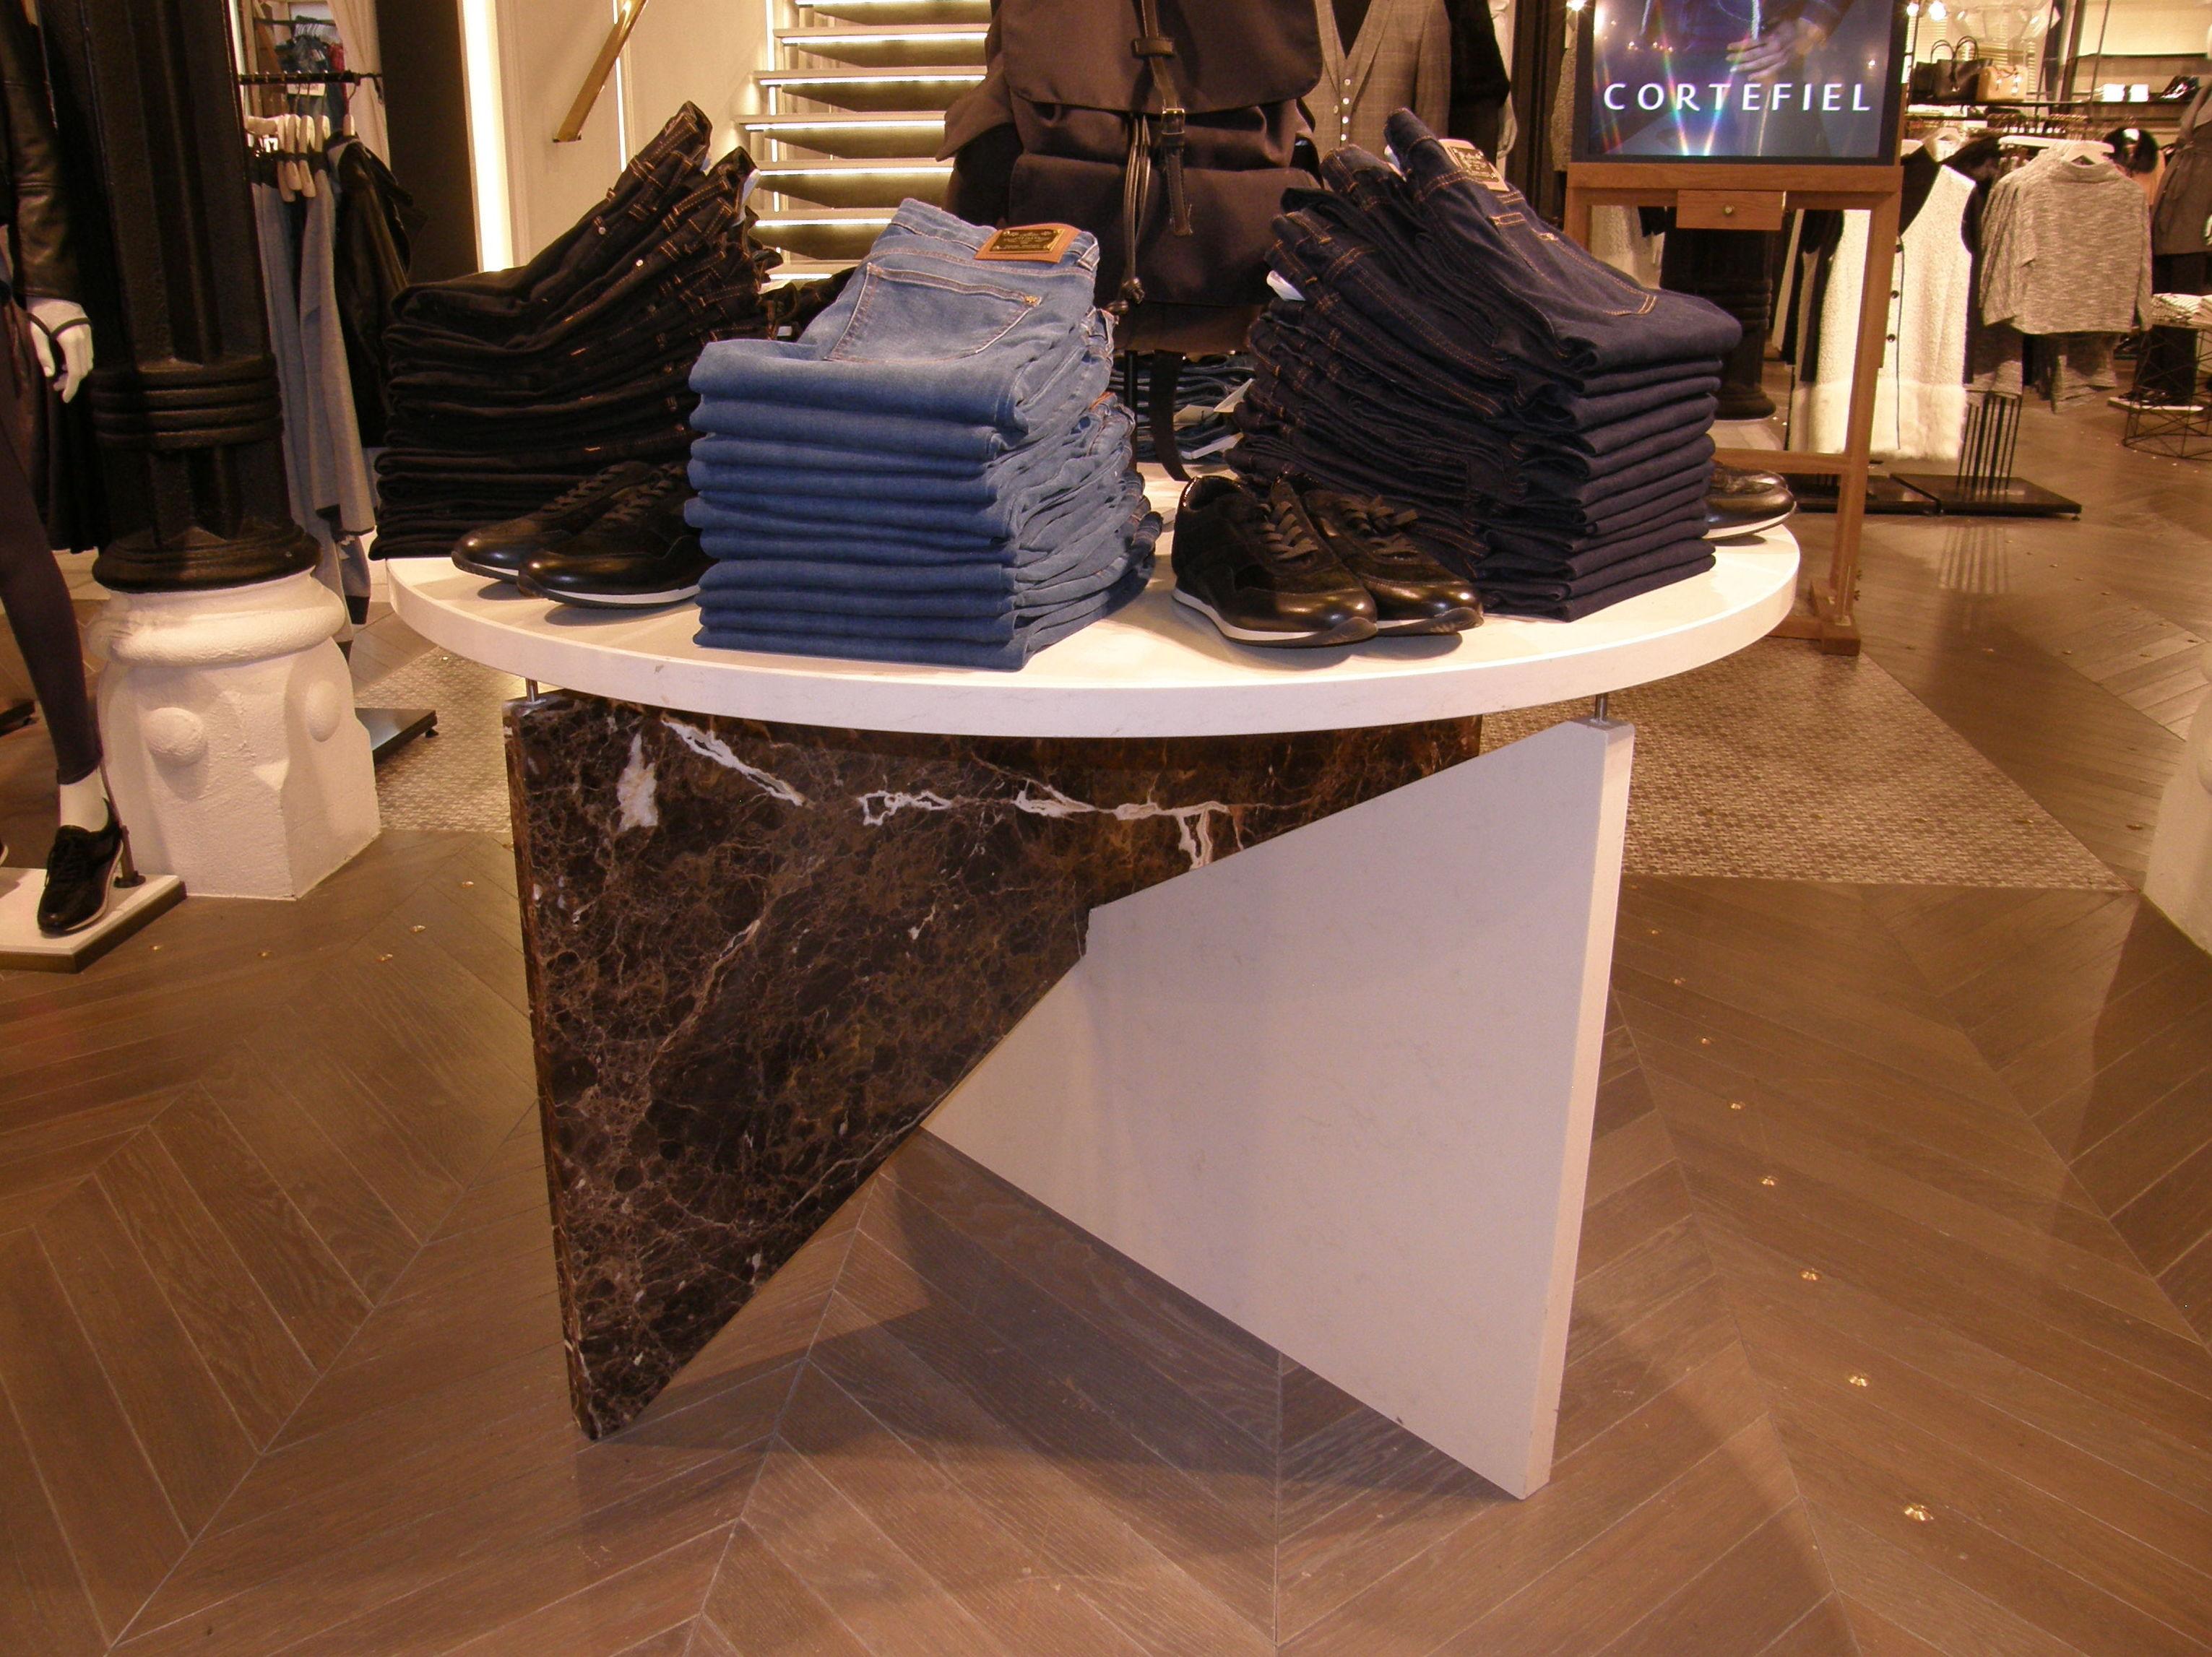 Detalle de mesa para tienda de ropa